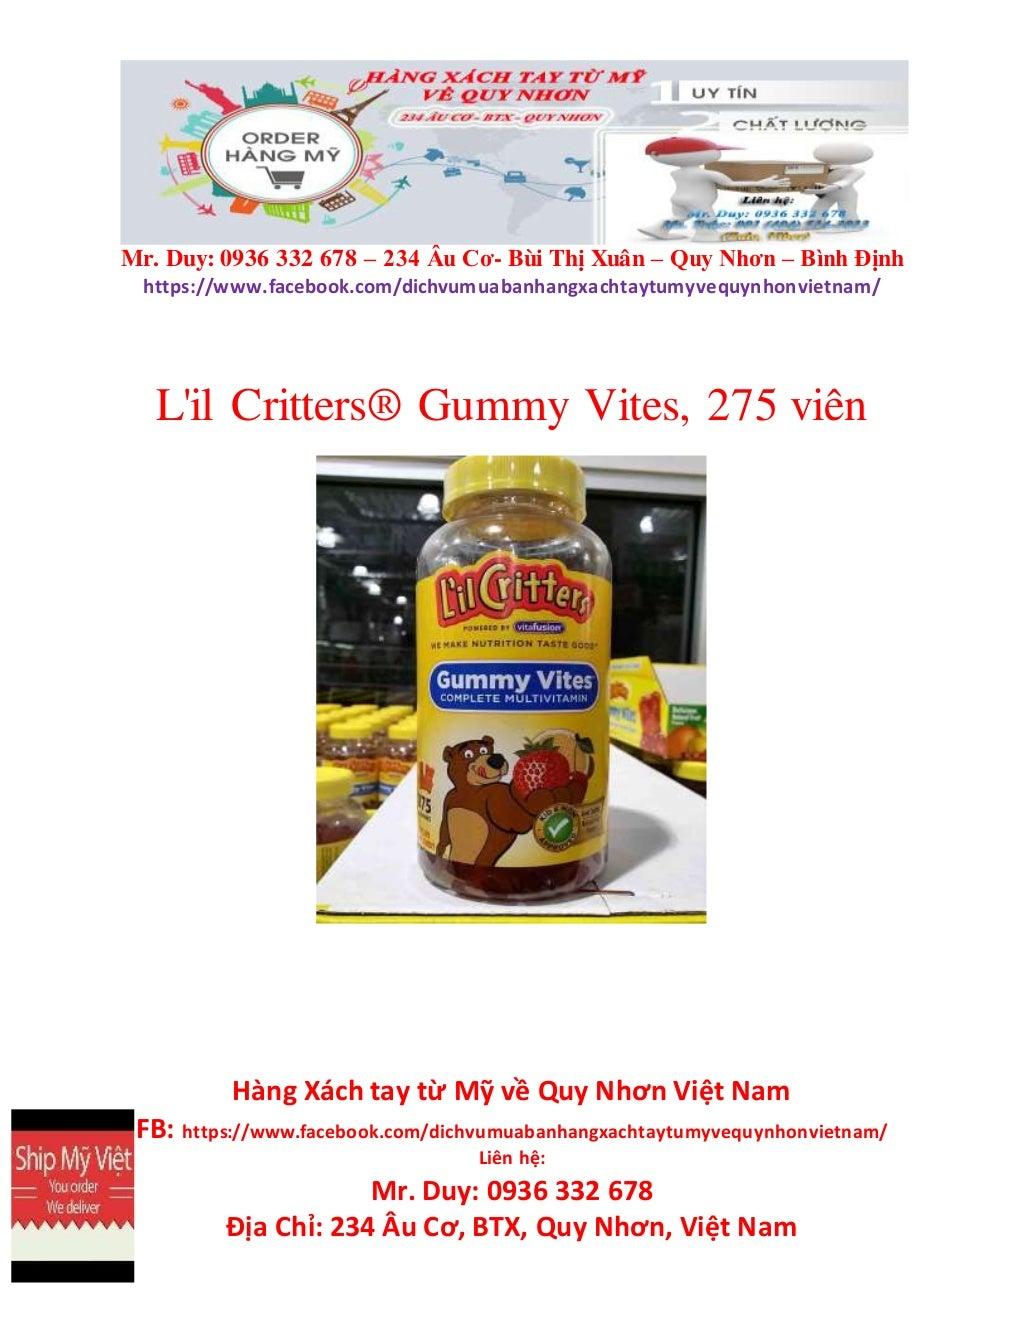 Tìm chỗ đặt thuốc bổ xách tay ở Quy Nhơn uy tín - Magazine cover